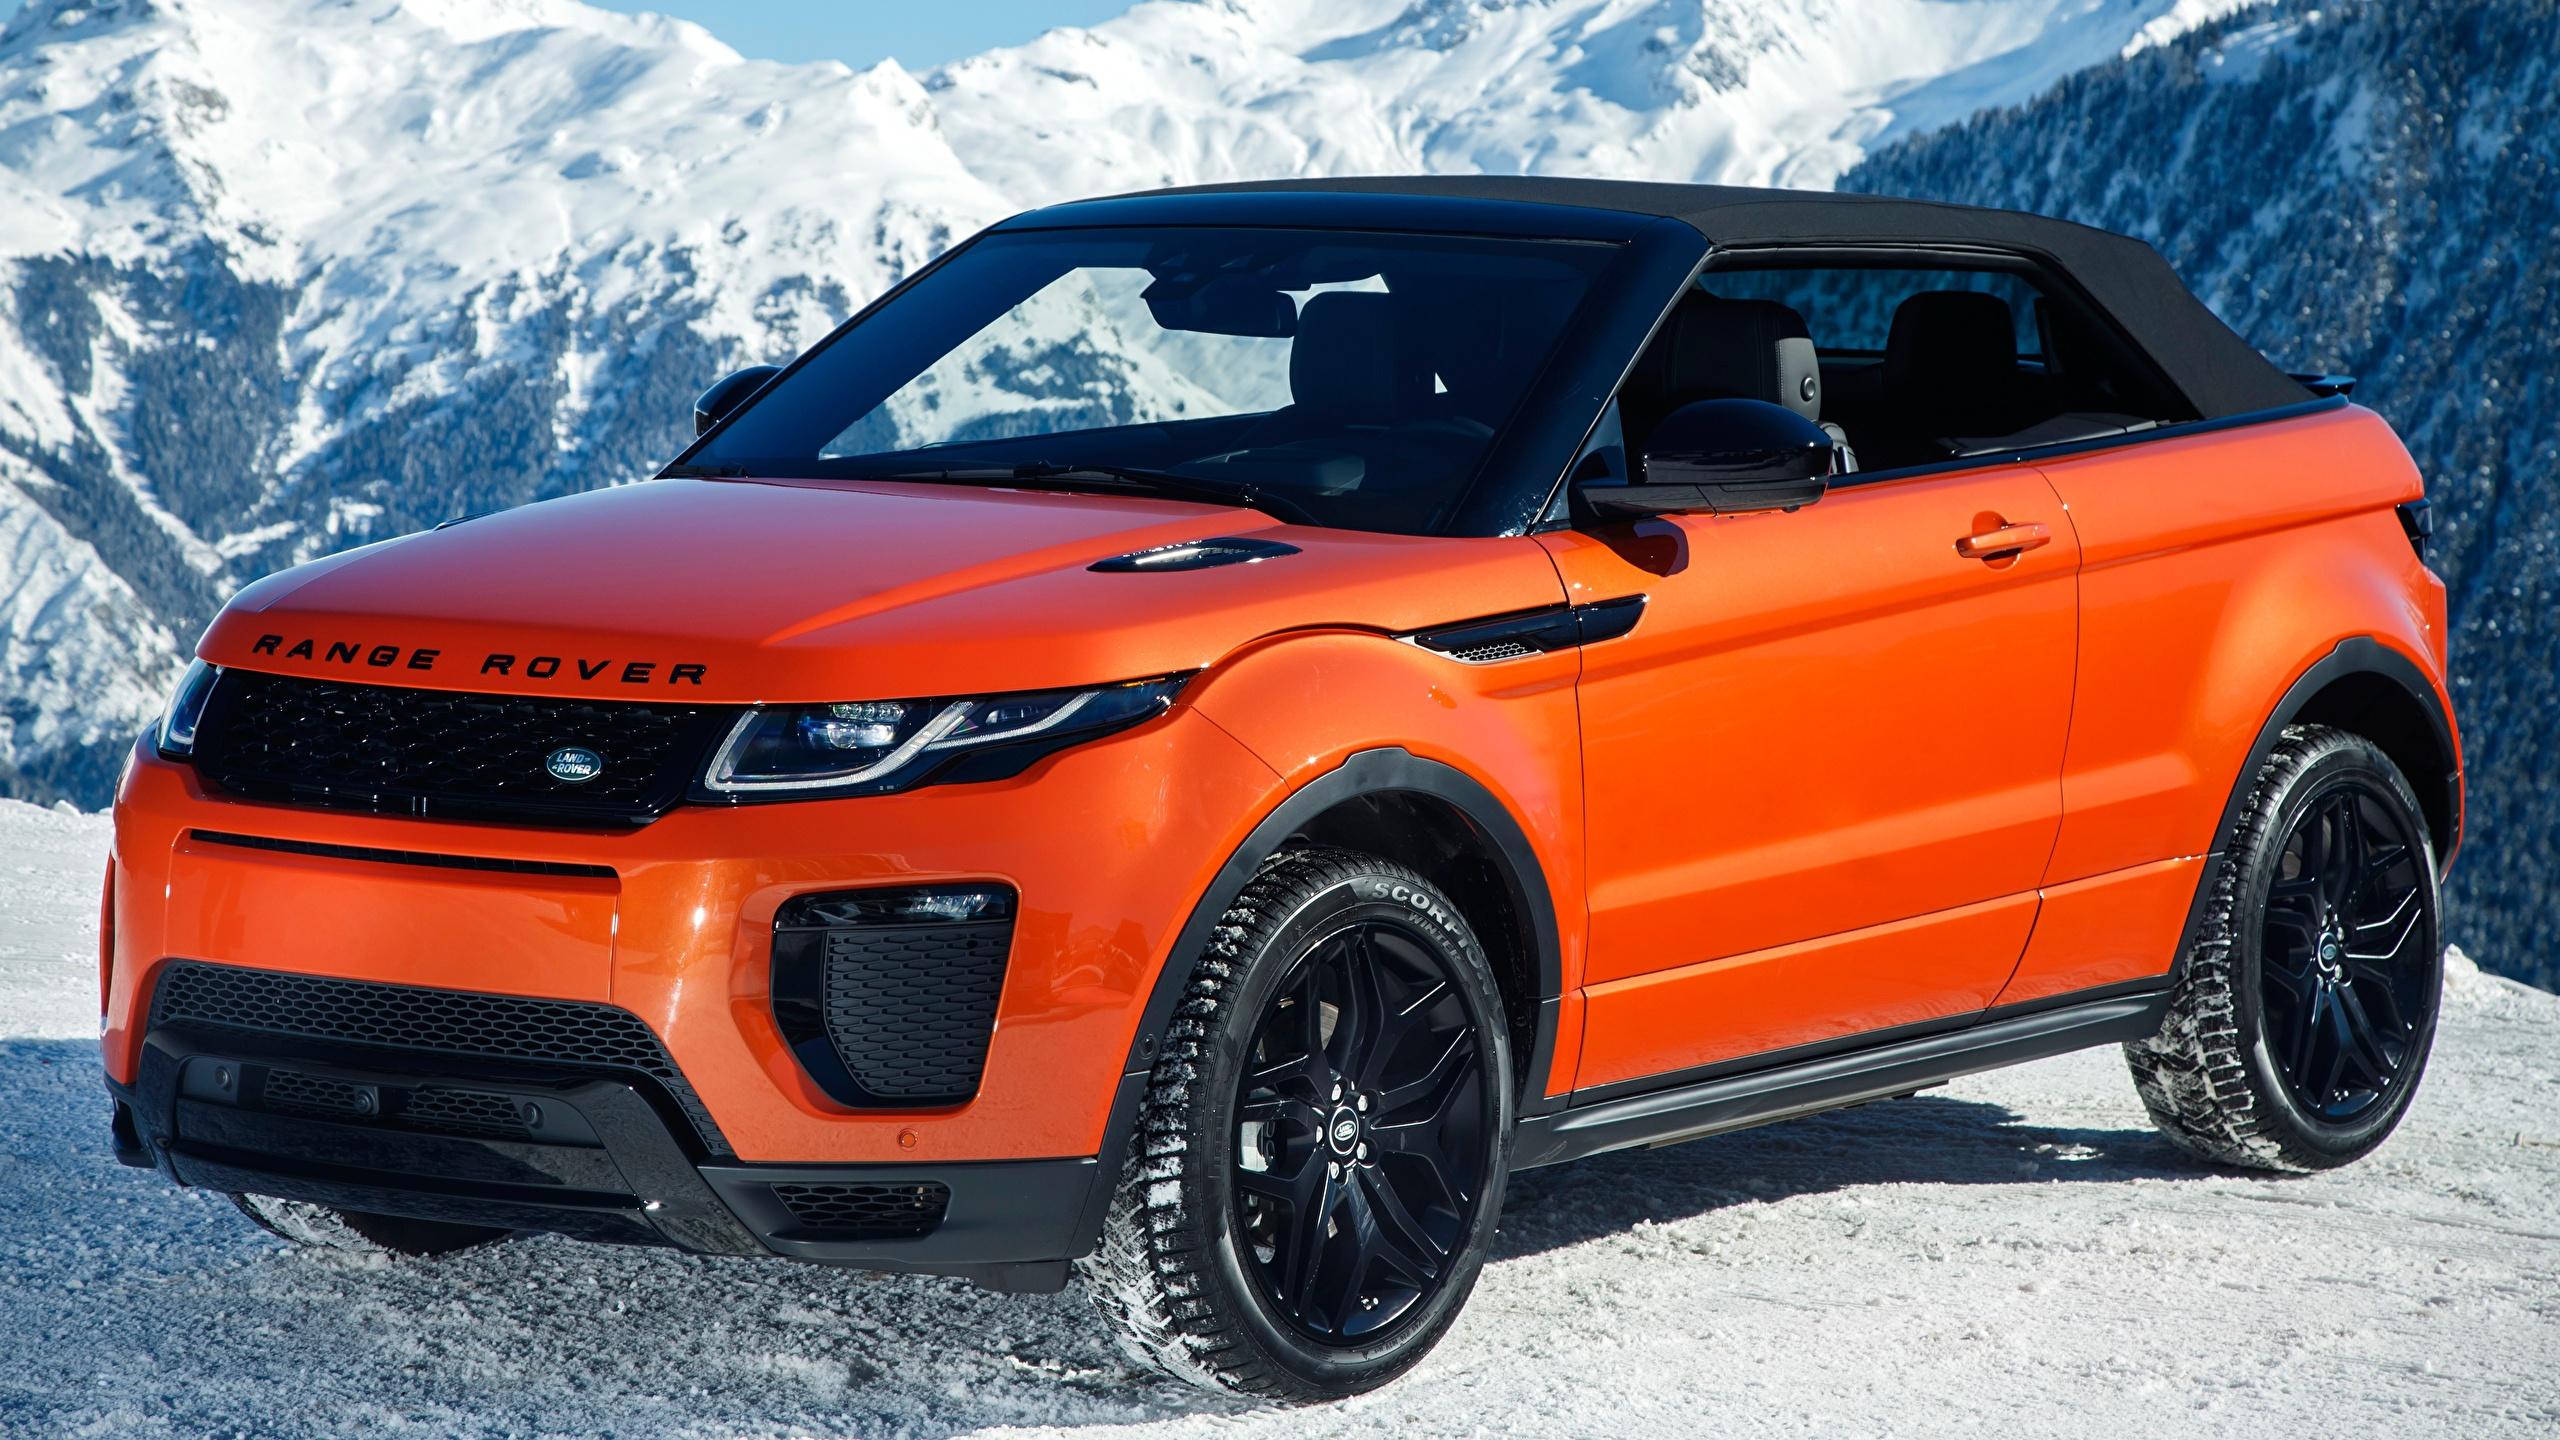 Обои для рабочего стола Land Rover Кроссовер Evoque, Convertible HSE Dynamic, 2016 оранжевая машина Металлик 2560x1440 Range Rover CUV Оранжевый оранжевые оранжевых авто машины Автомобили автомобиль